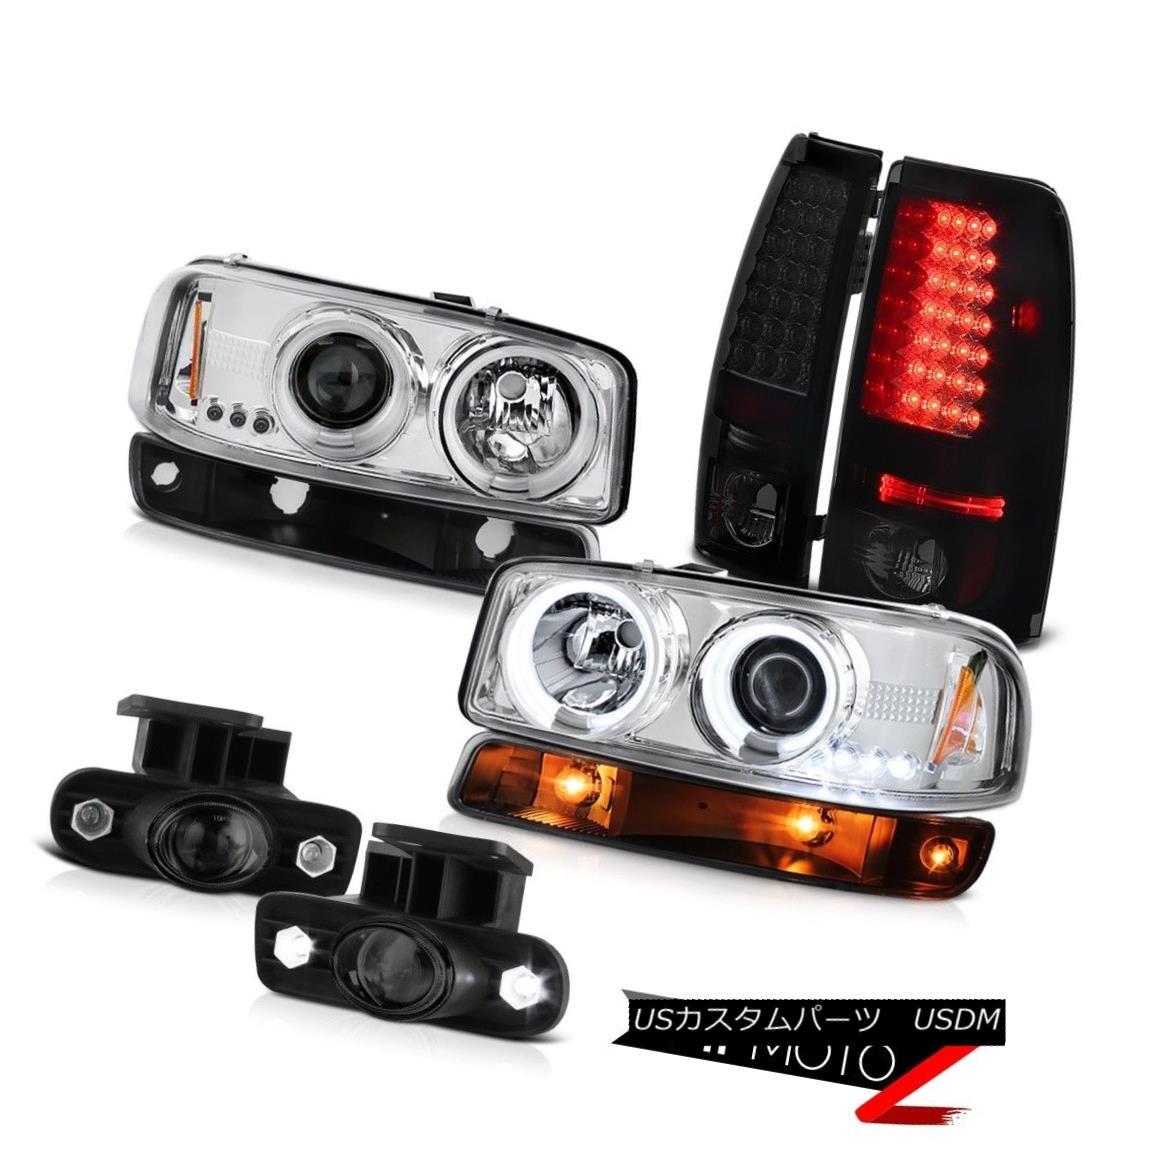 テールライト 99-02 Sierra SLE Smokey foglights led taillights signal lamp ccfl headlights 99-02 Sierra SLEスモーキー・フォグライト・テールランプ信号ランプccflヘッドライト